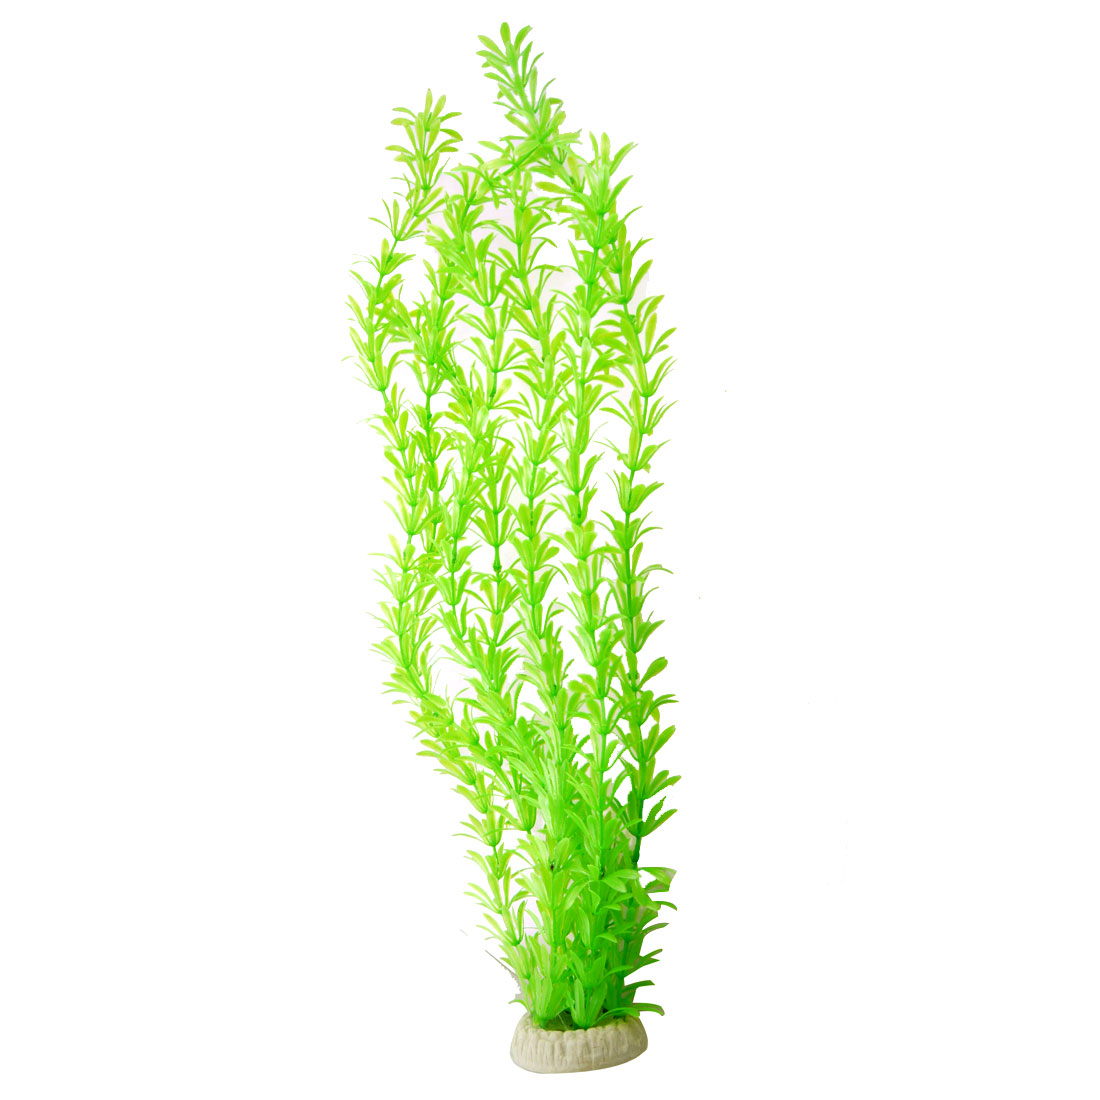 """20.5"""" Green Plastic Artificial Aquatic Grass Plant for Aquarium Tank"""